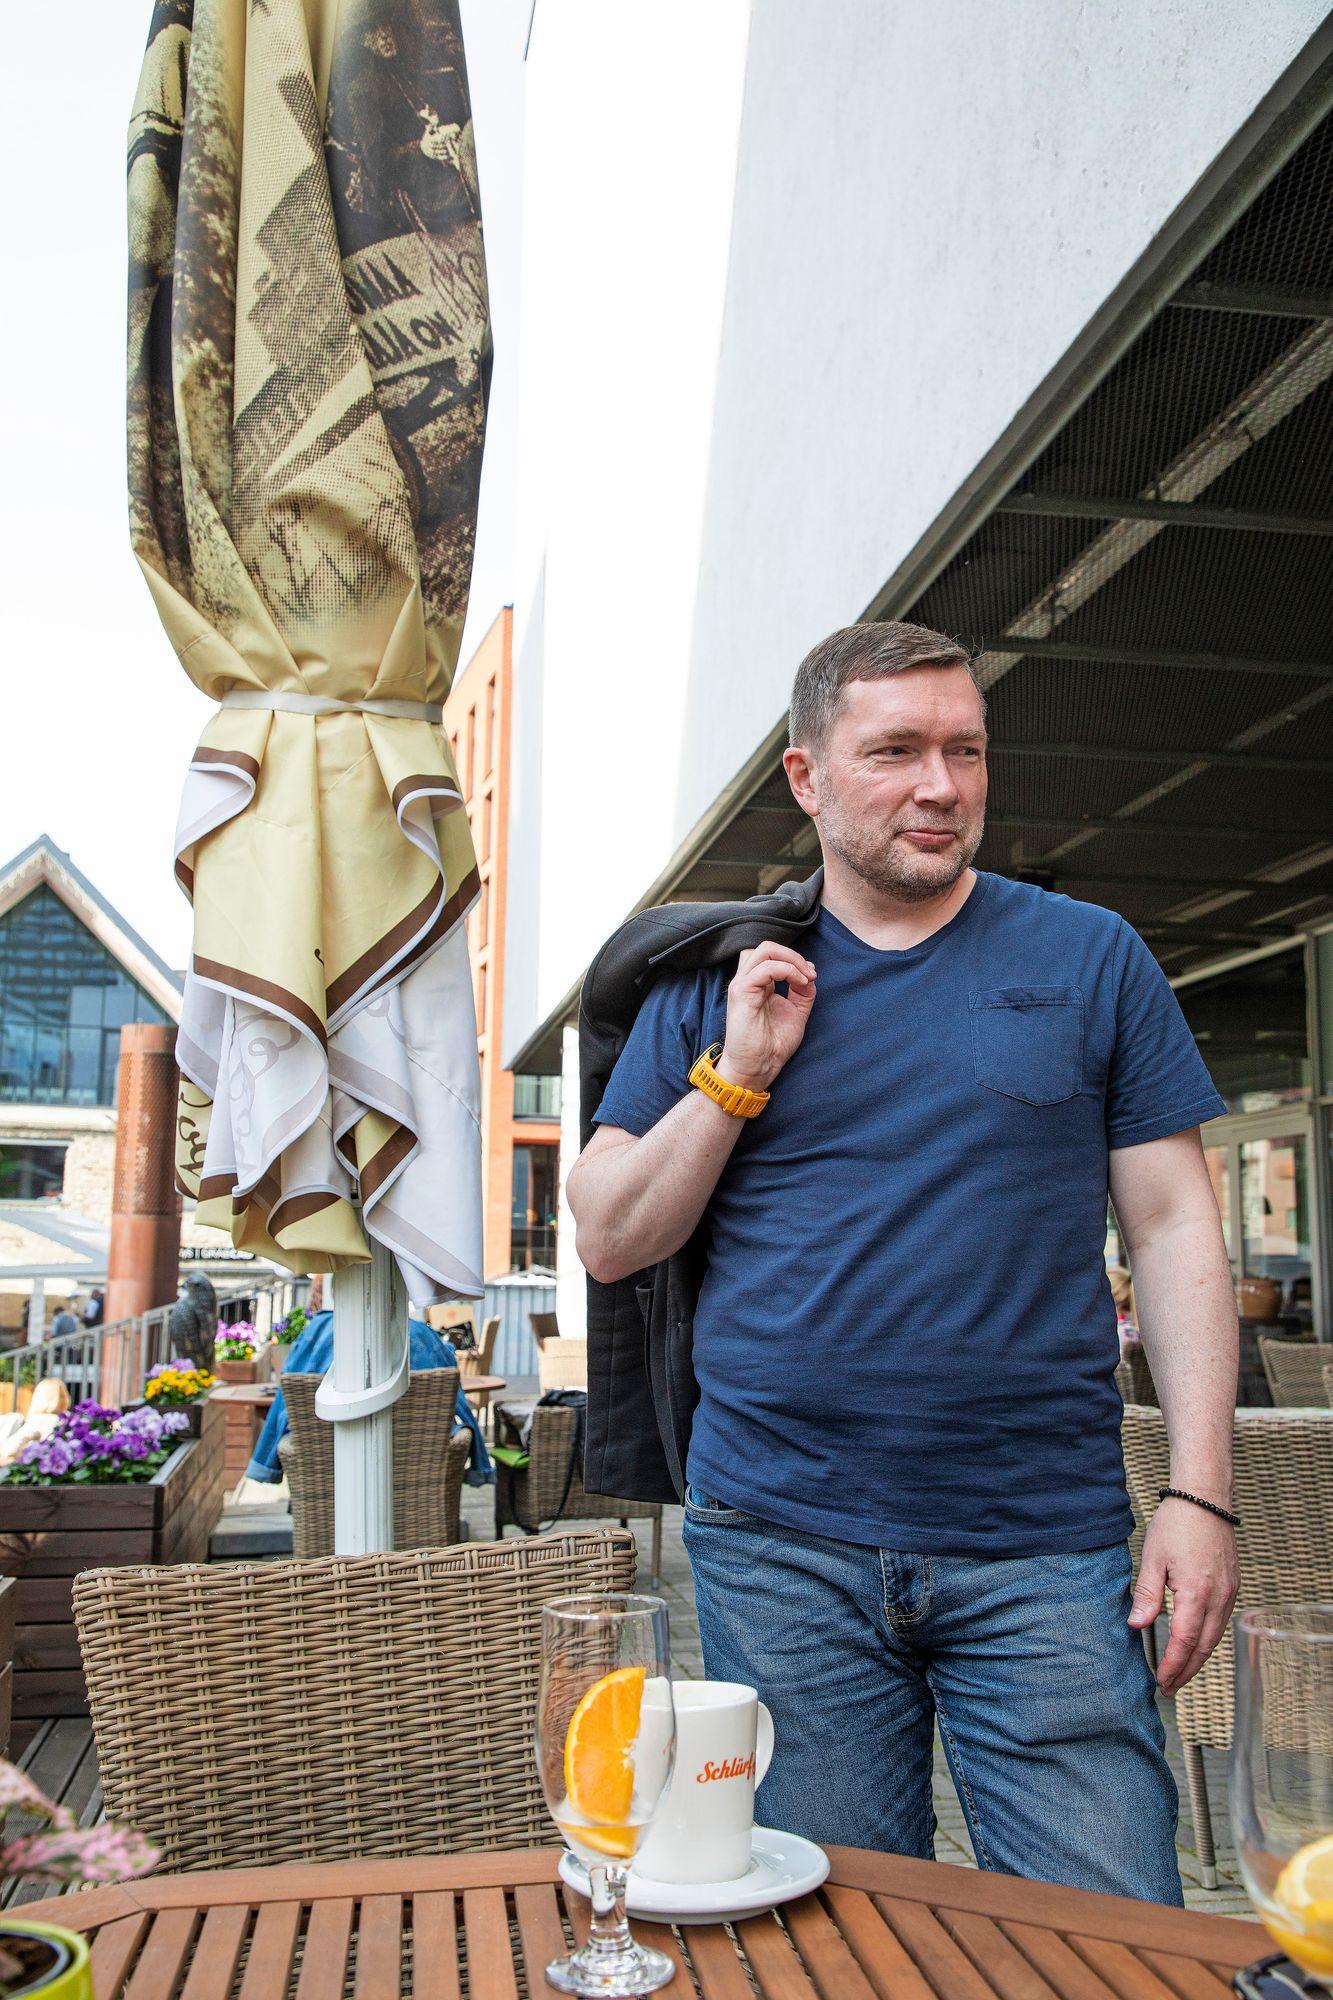 Rain Koolin mukaan Viron hallitus yritti pitää talouden takia maan auki mahdollisimman pitkään. Koronan toinen aalto pääsi iskemään rajummin kuin Suomessa. © Petri Mulari